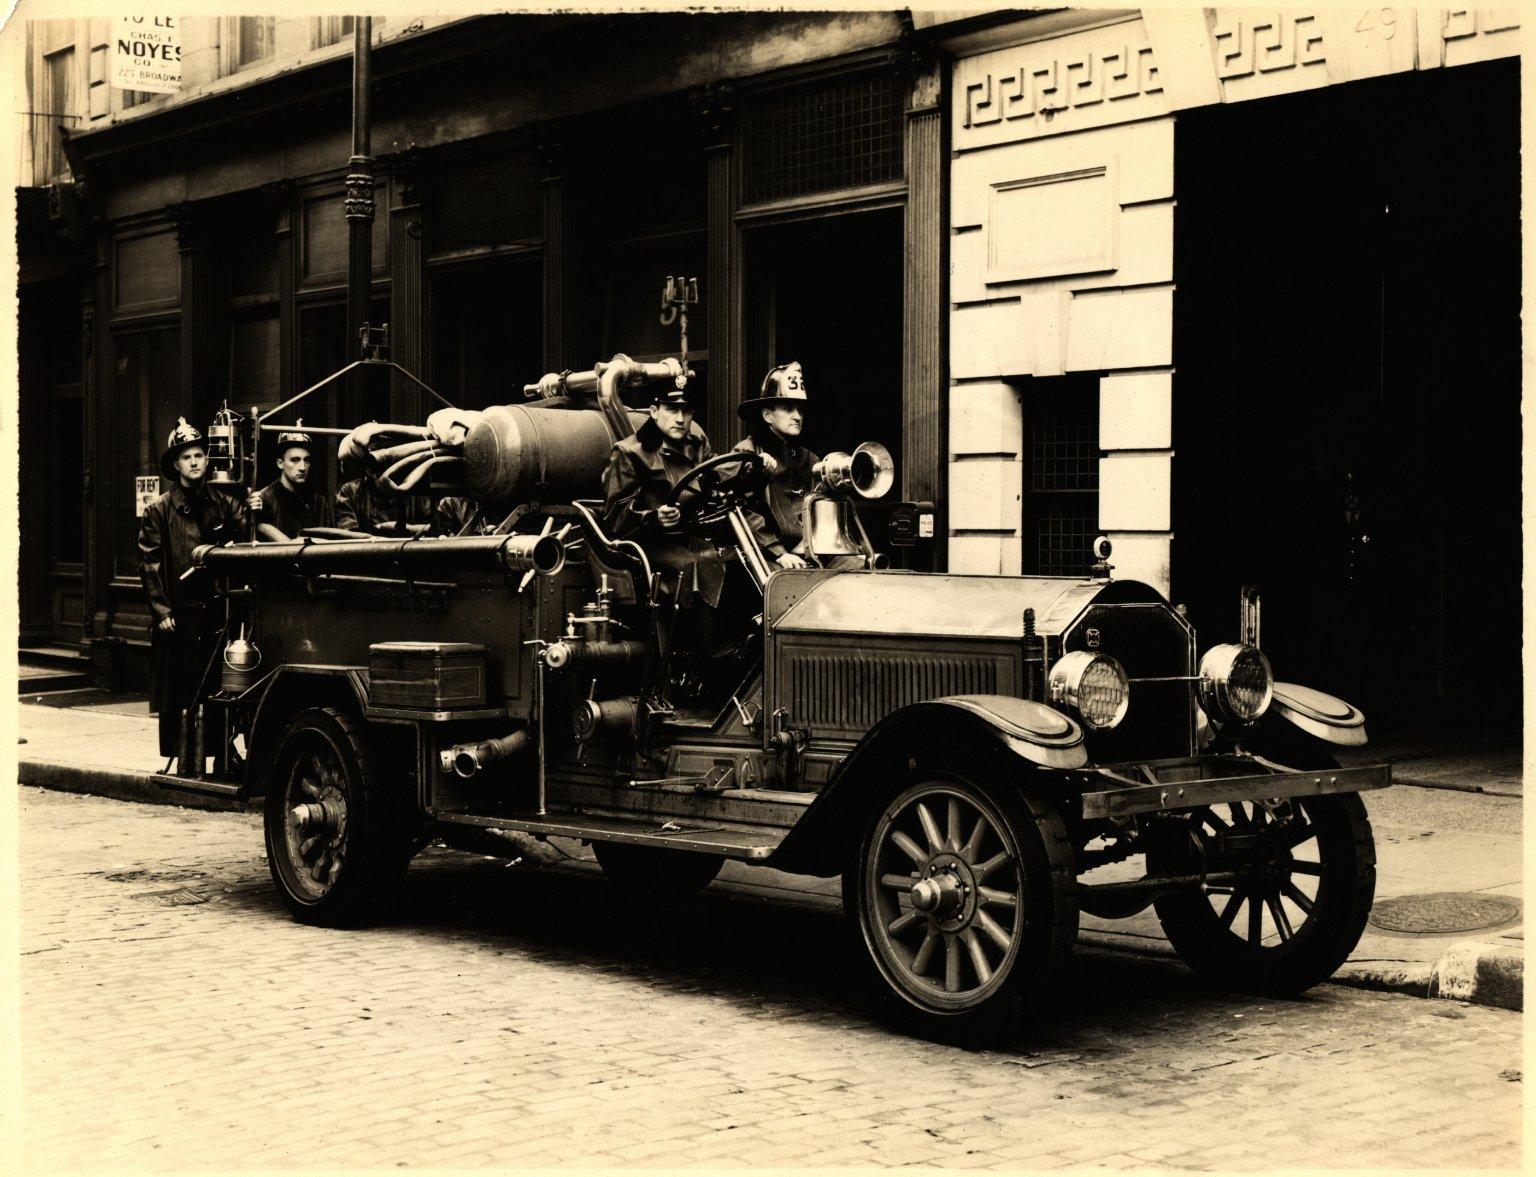 Автомобиль пенного тушения. Нью-Йорк, США. 1937 год